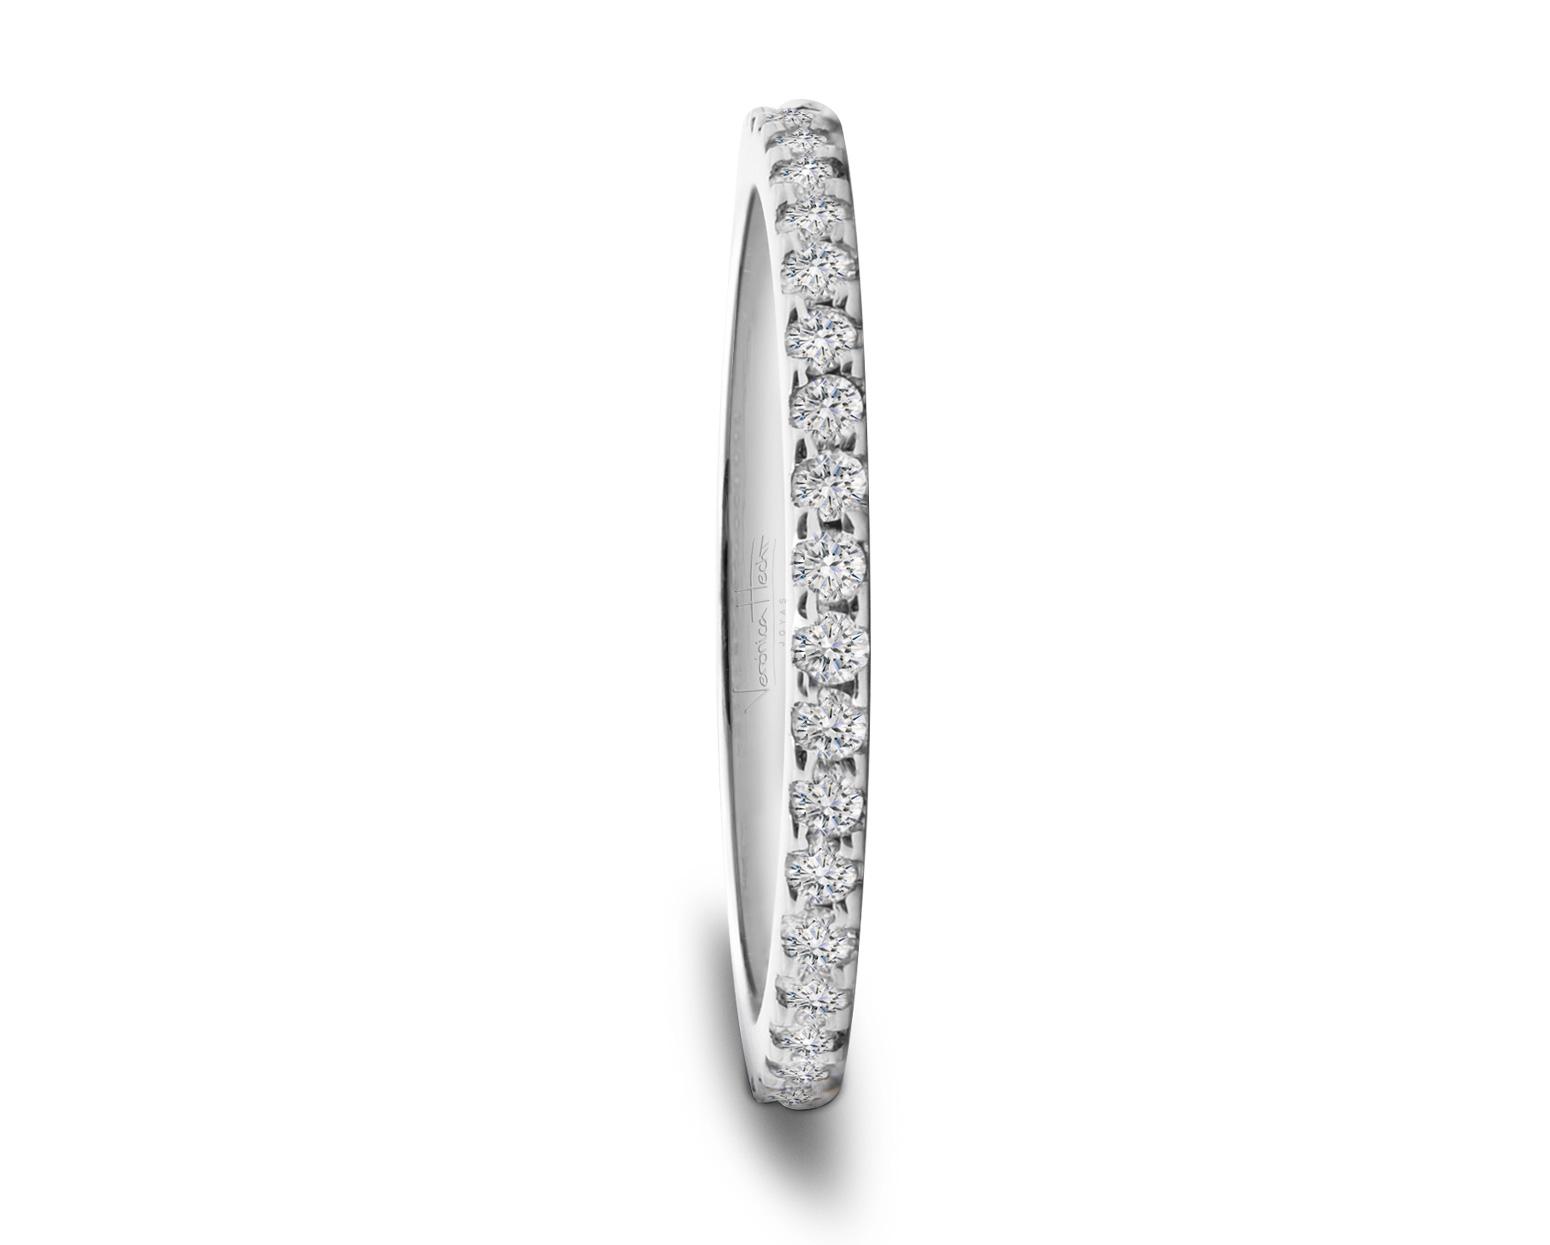 Anillo de Platino, Oro Blanco o Rosado de 18k y 50 diamantes en toda la circunferencia.